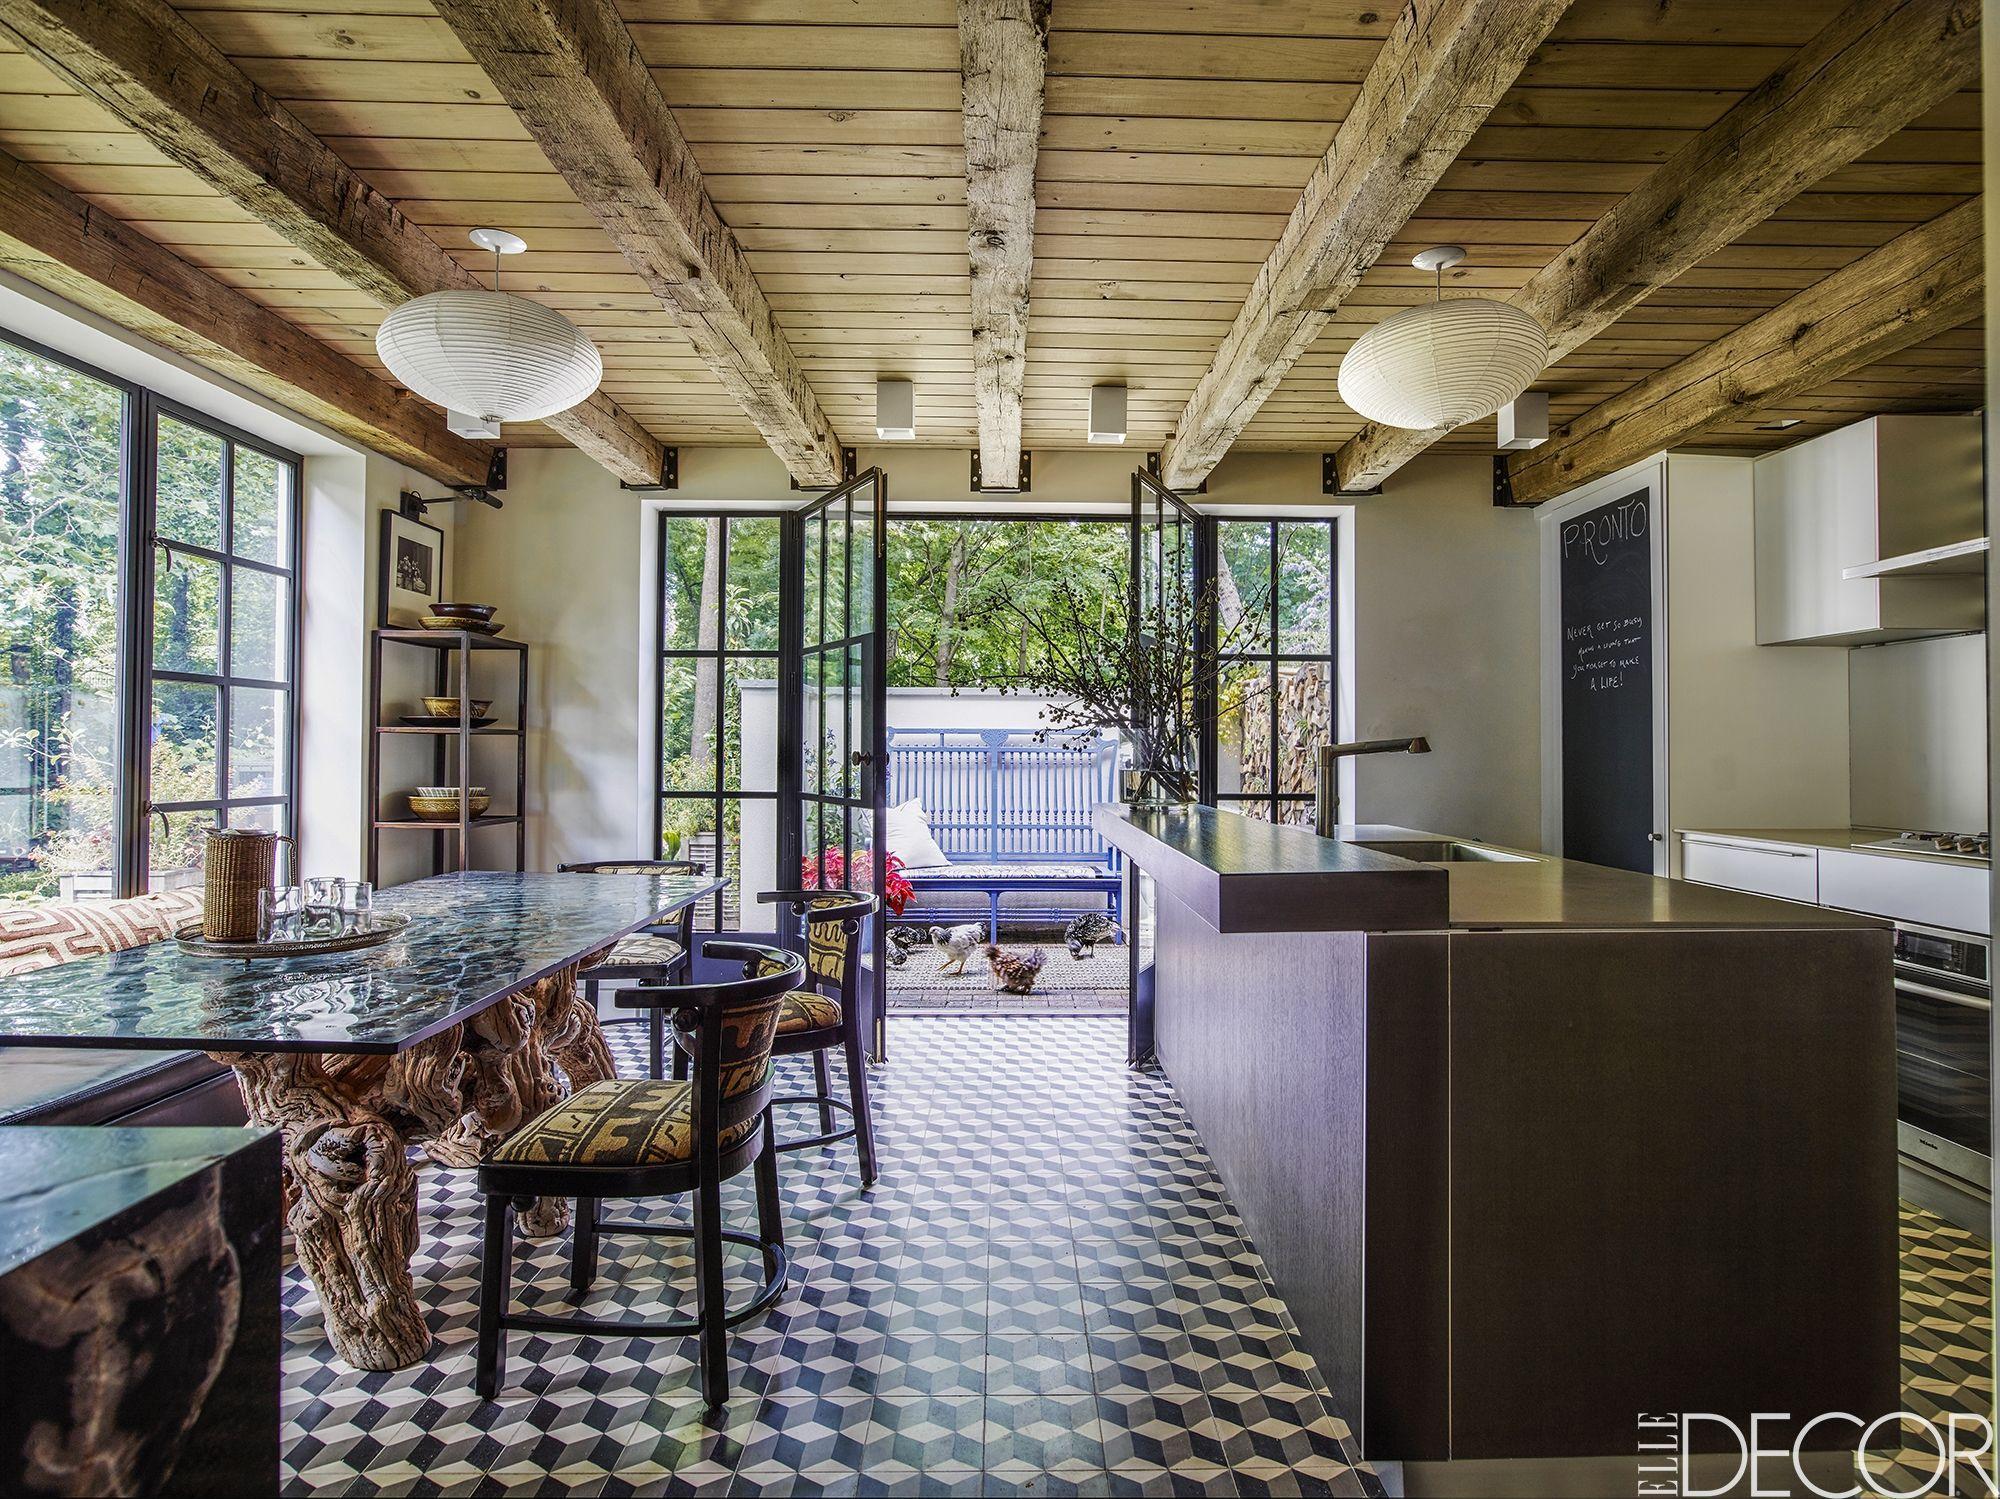 20 Modern Farmhouse Decor Ideas